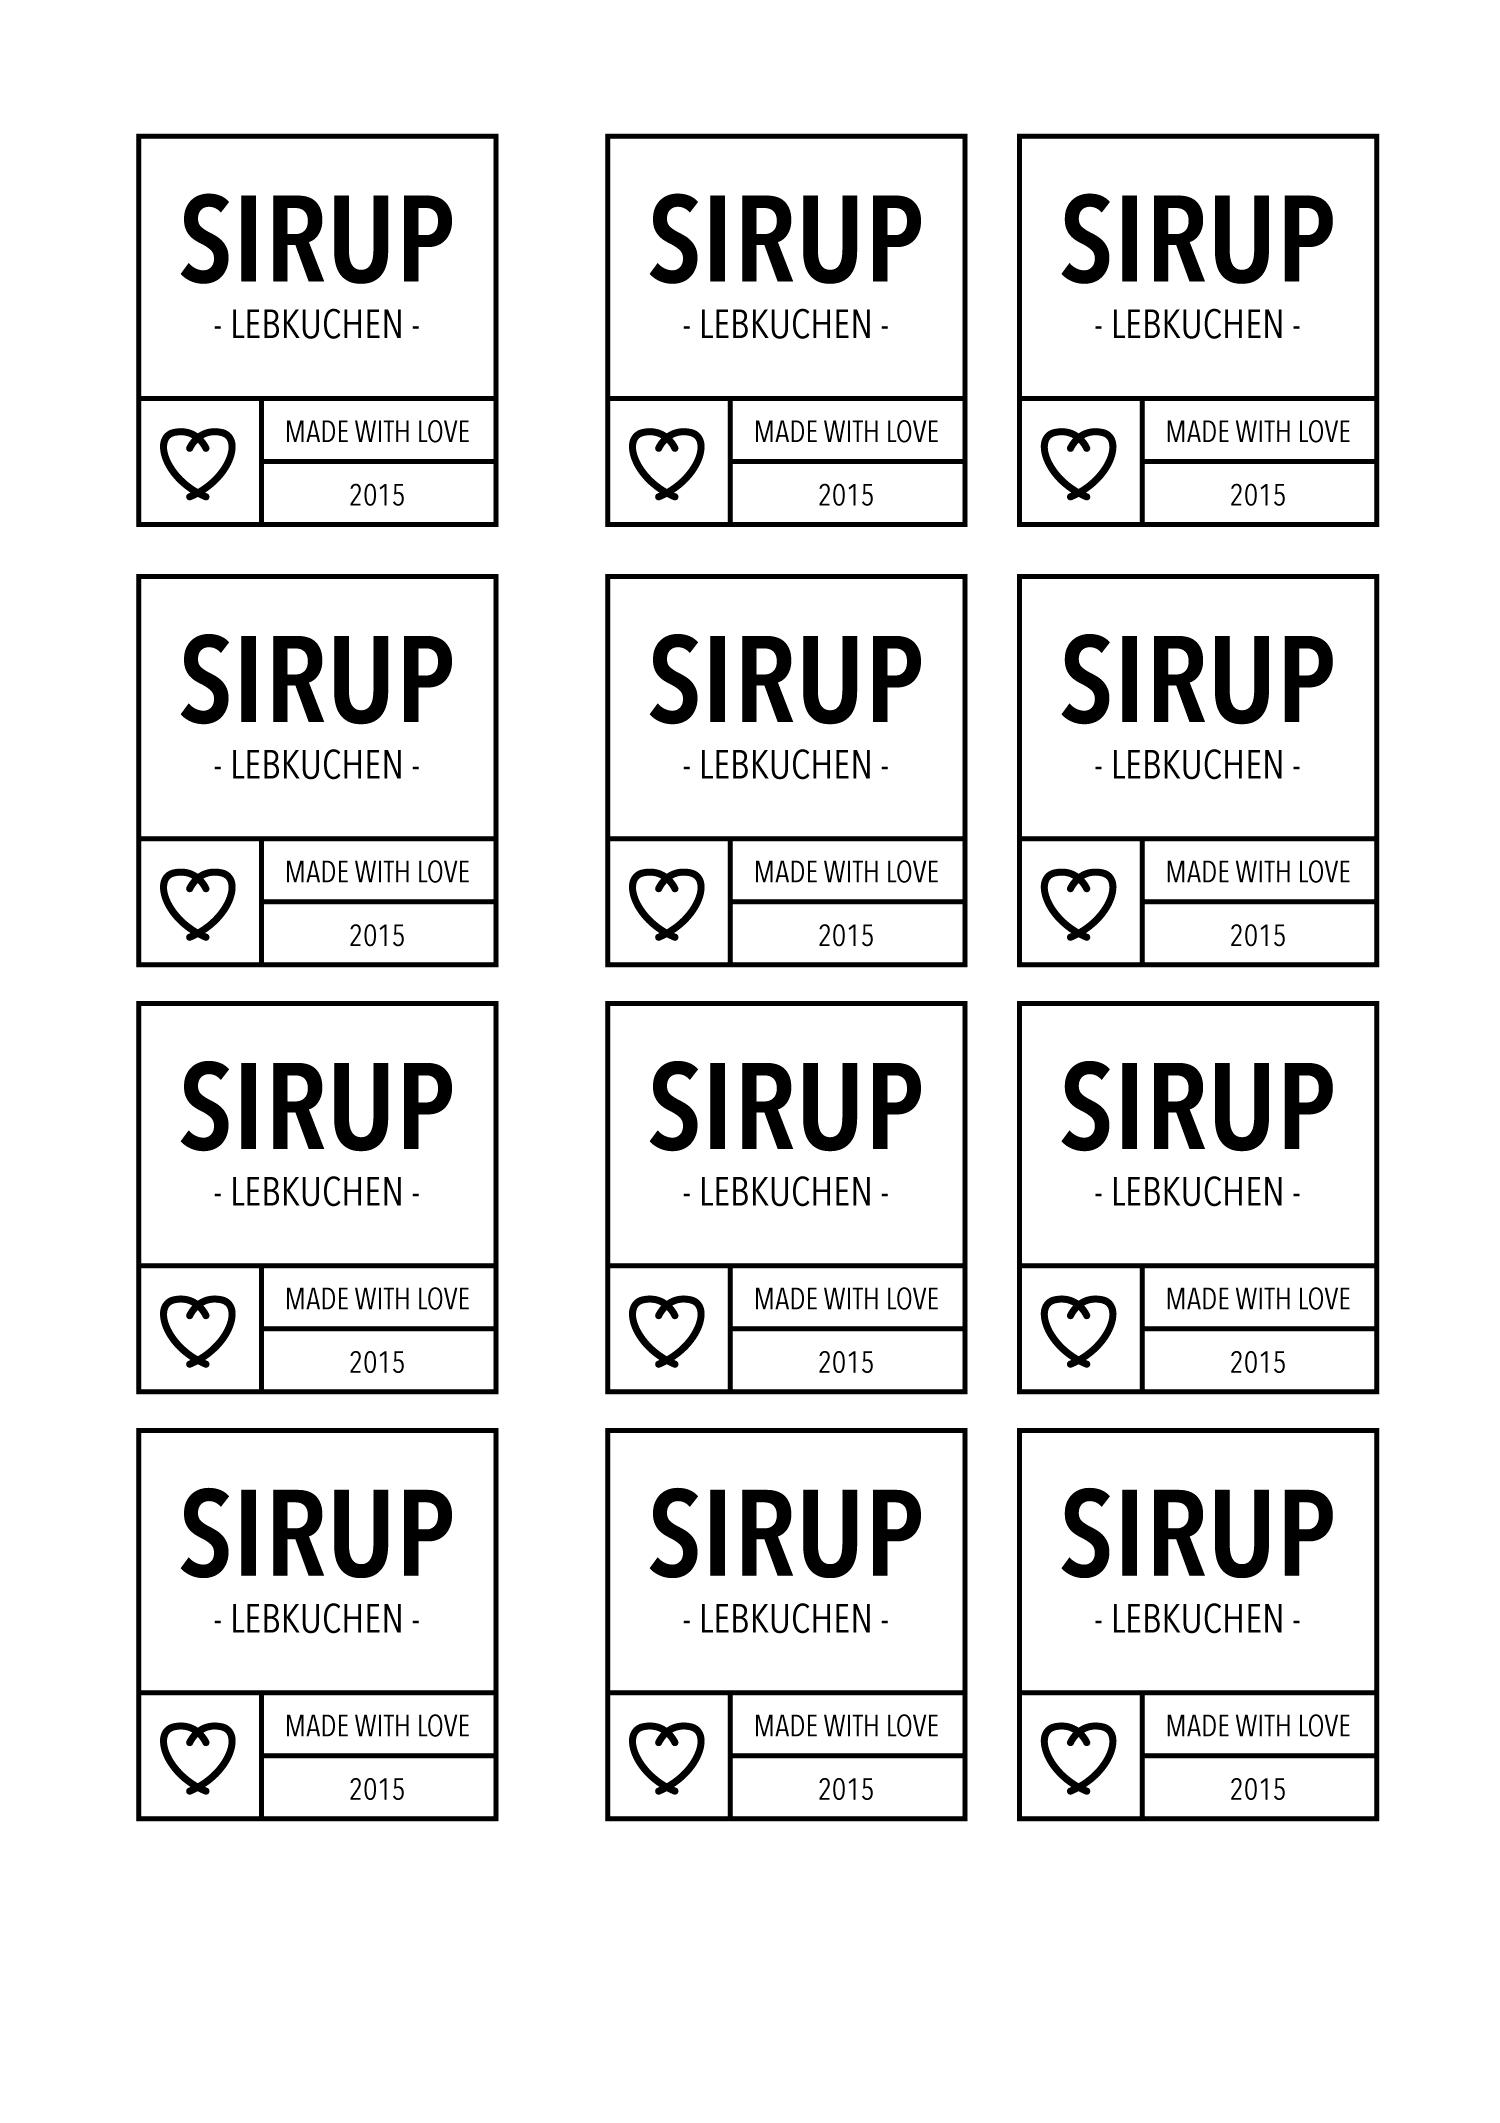 Etiketten Zum Ausdrucken Fur Verschiedene Sirups Als Pdf Zum Download Free Printables Etiketten Ausdrucken Johannisbeersirup